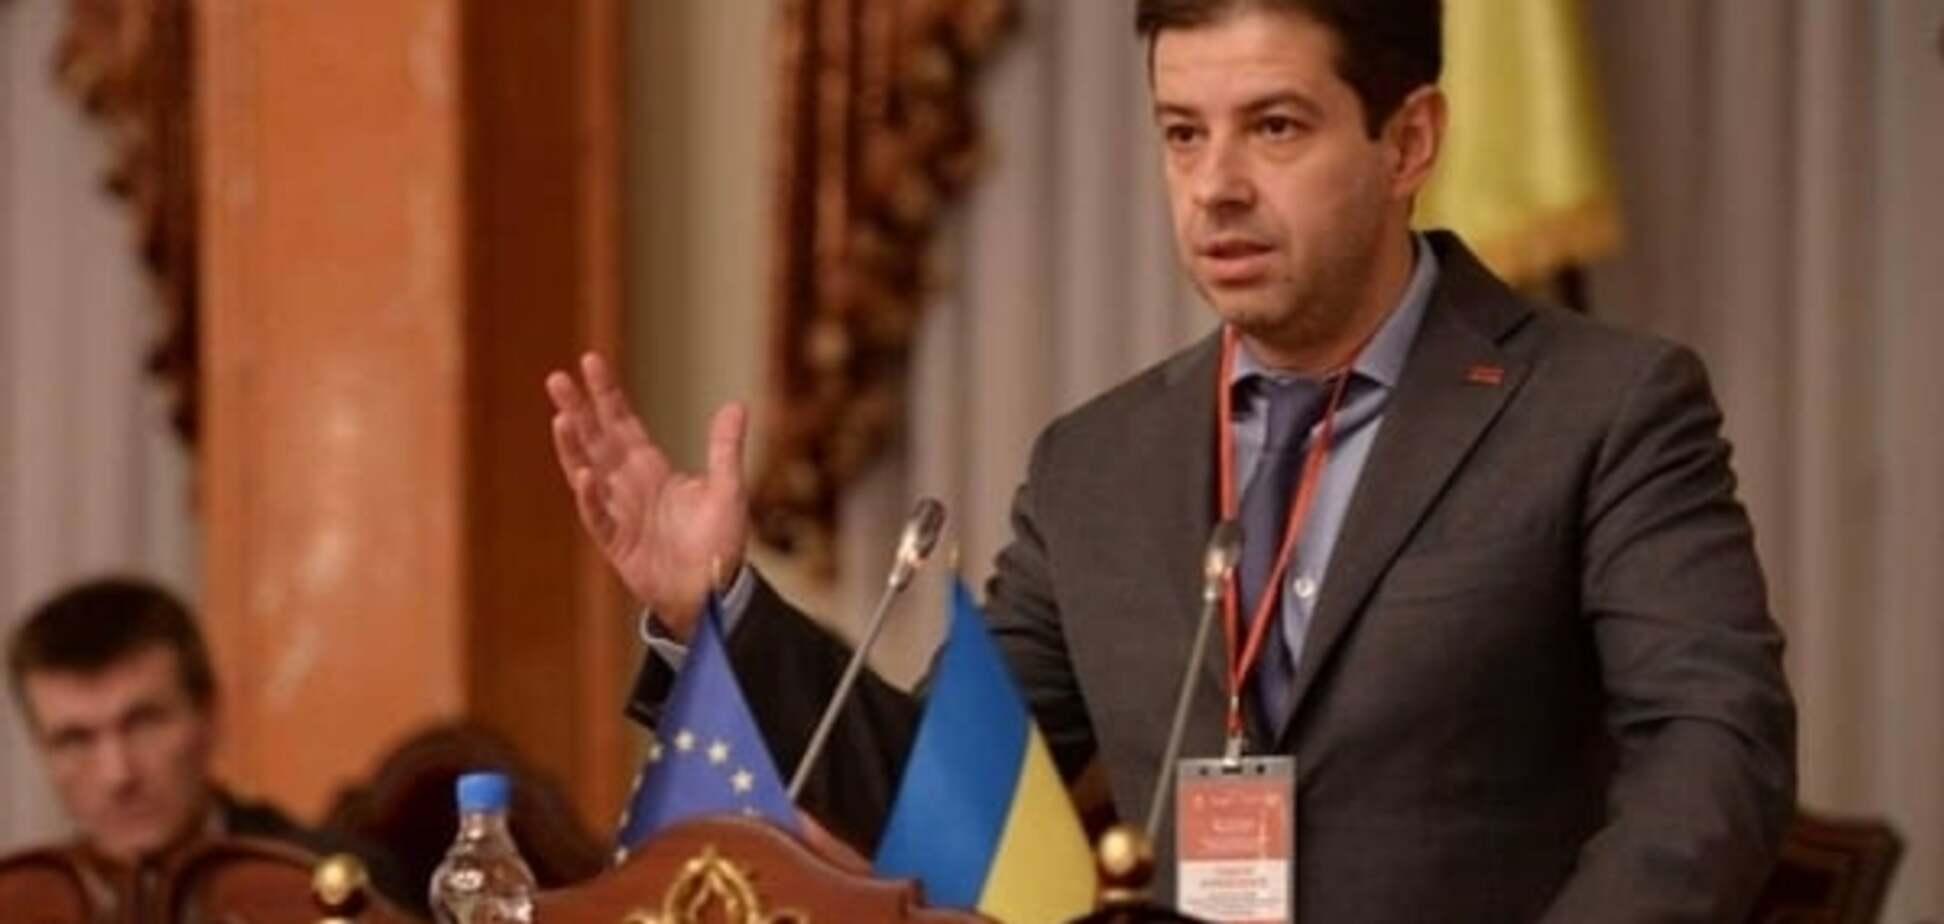 Нардеп Алексеев призвал разработать механизм контроля для финансирования партий из бюджета